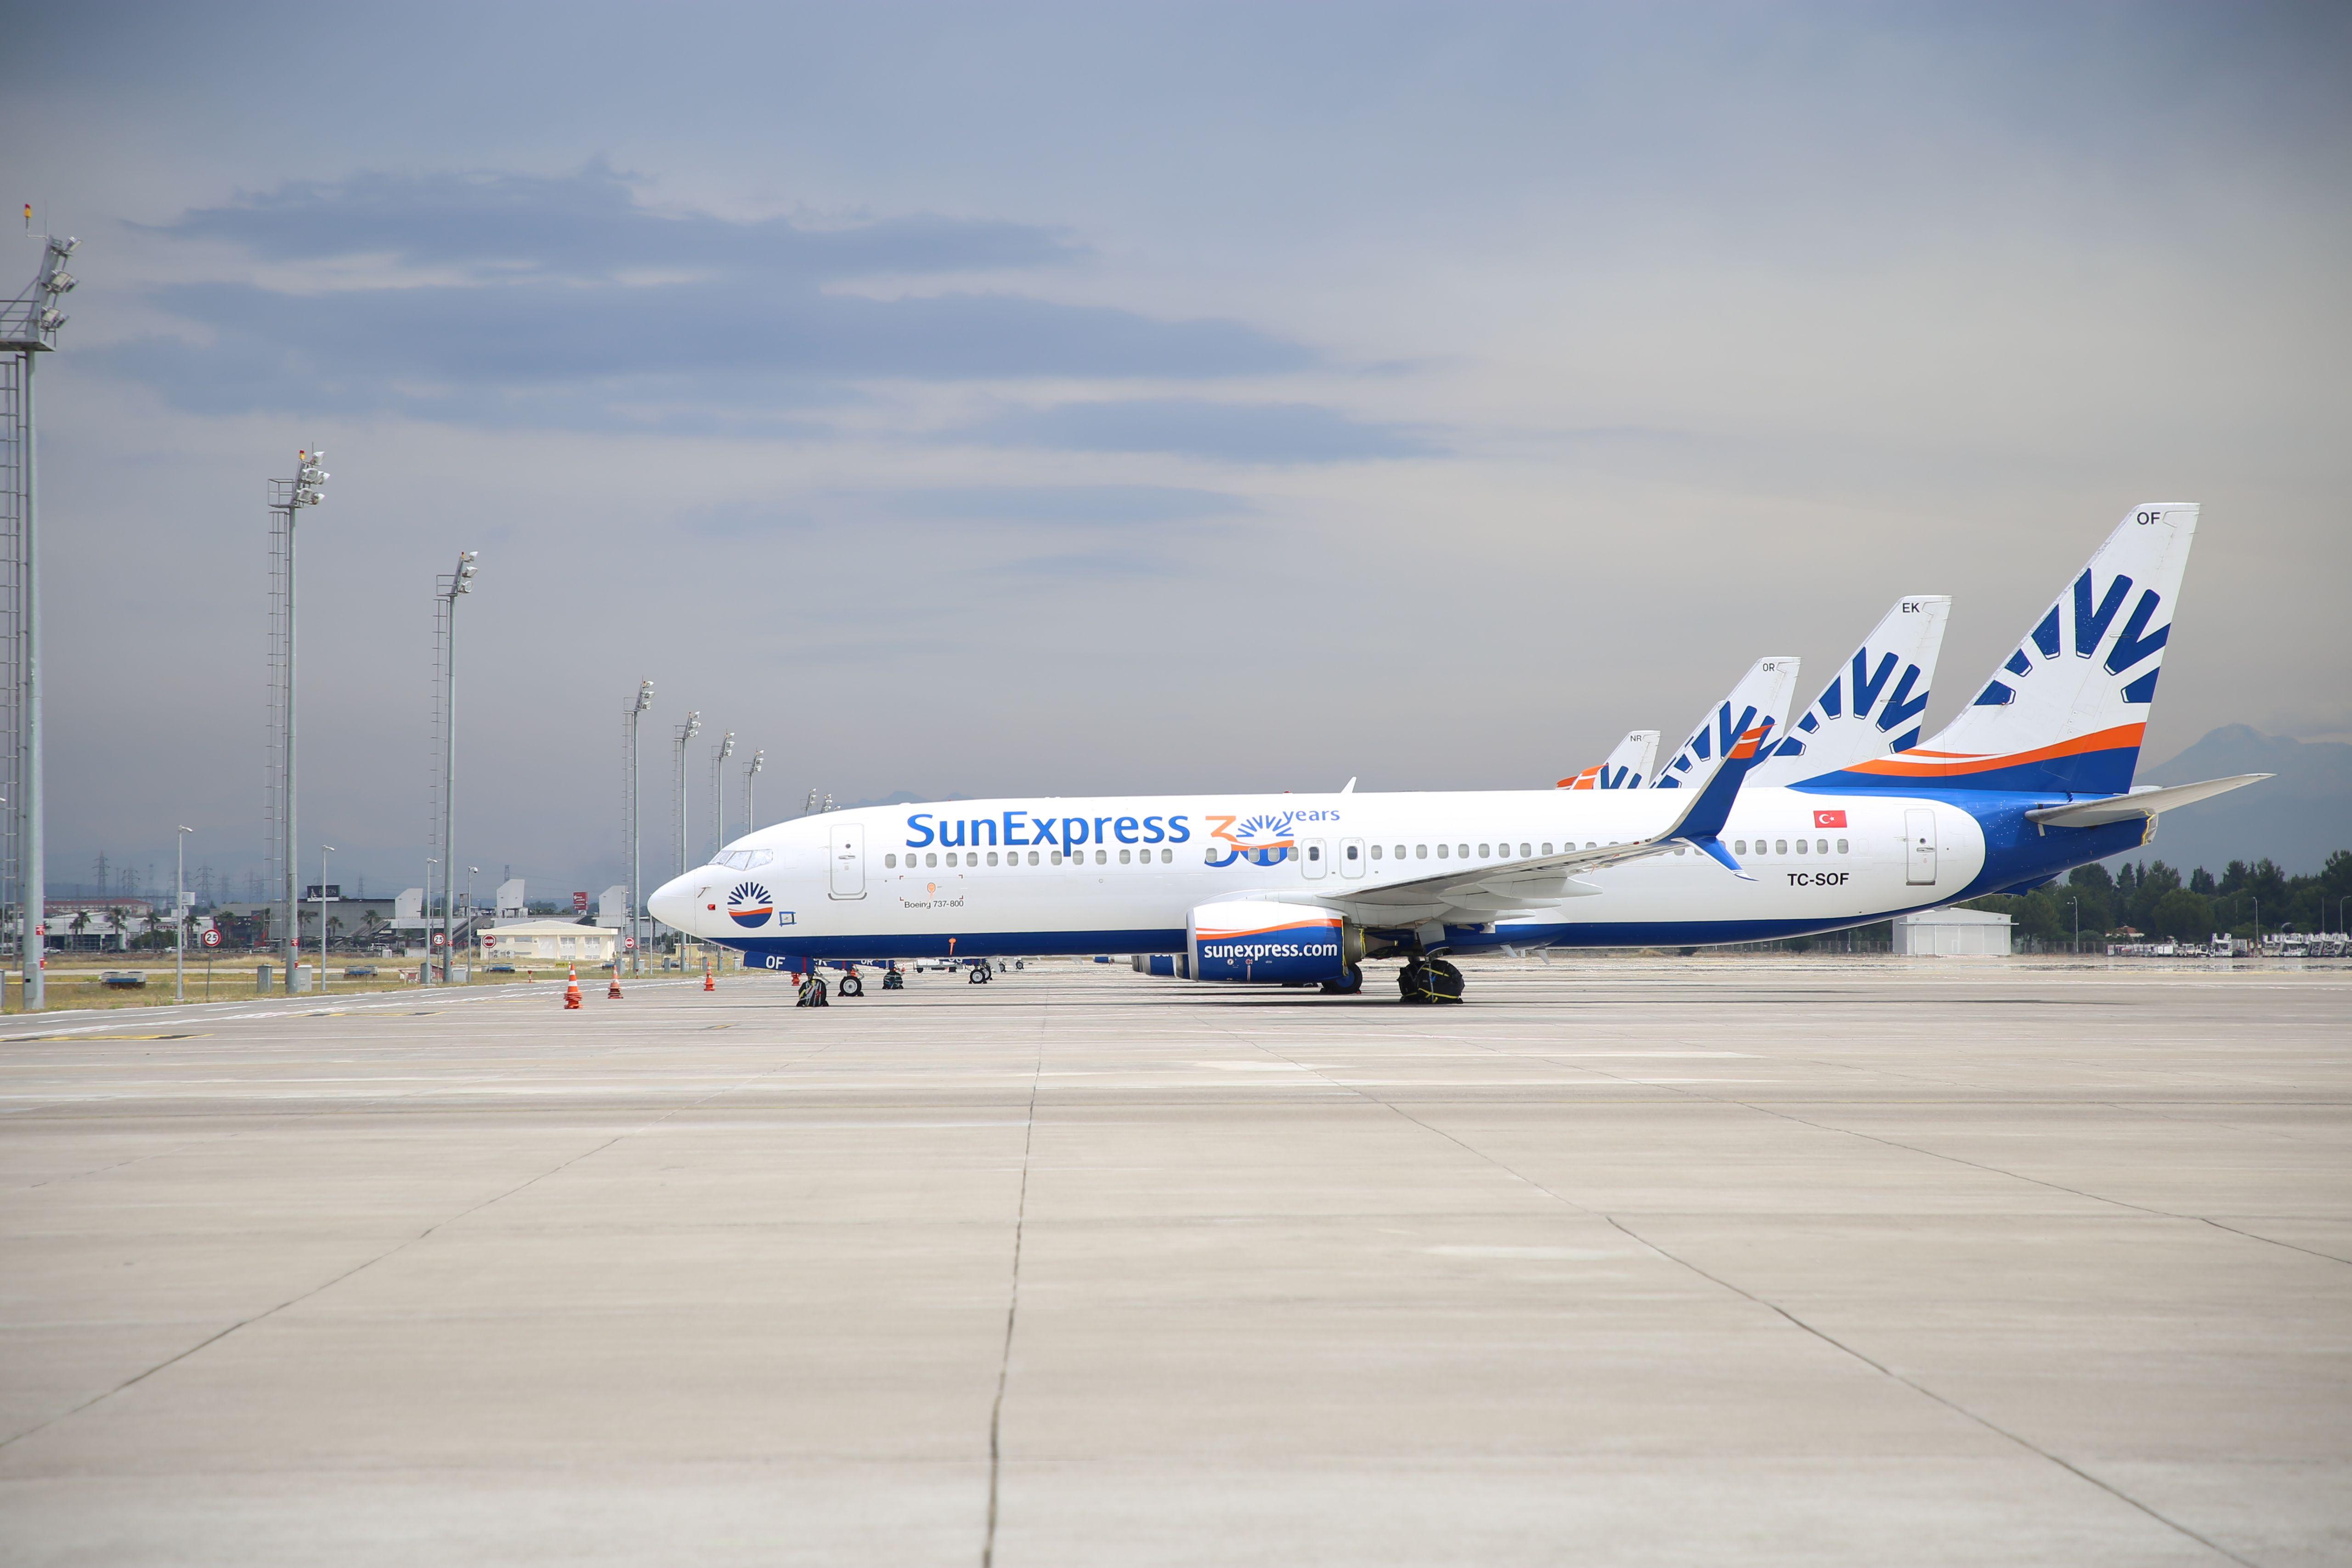 SunExpress, Antalya'dan uçuş düzenleyen ilk havayolu oldu...